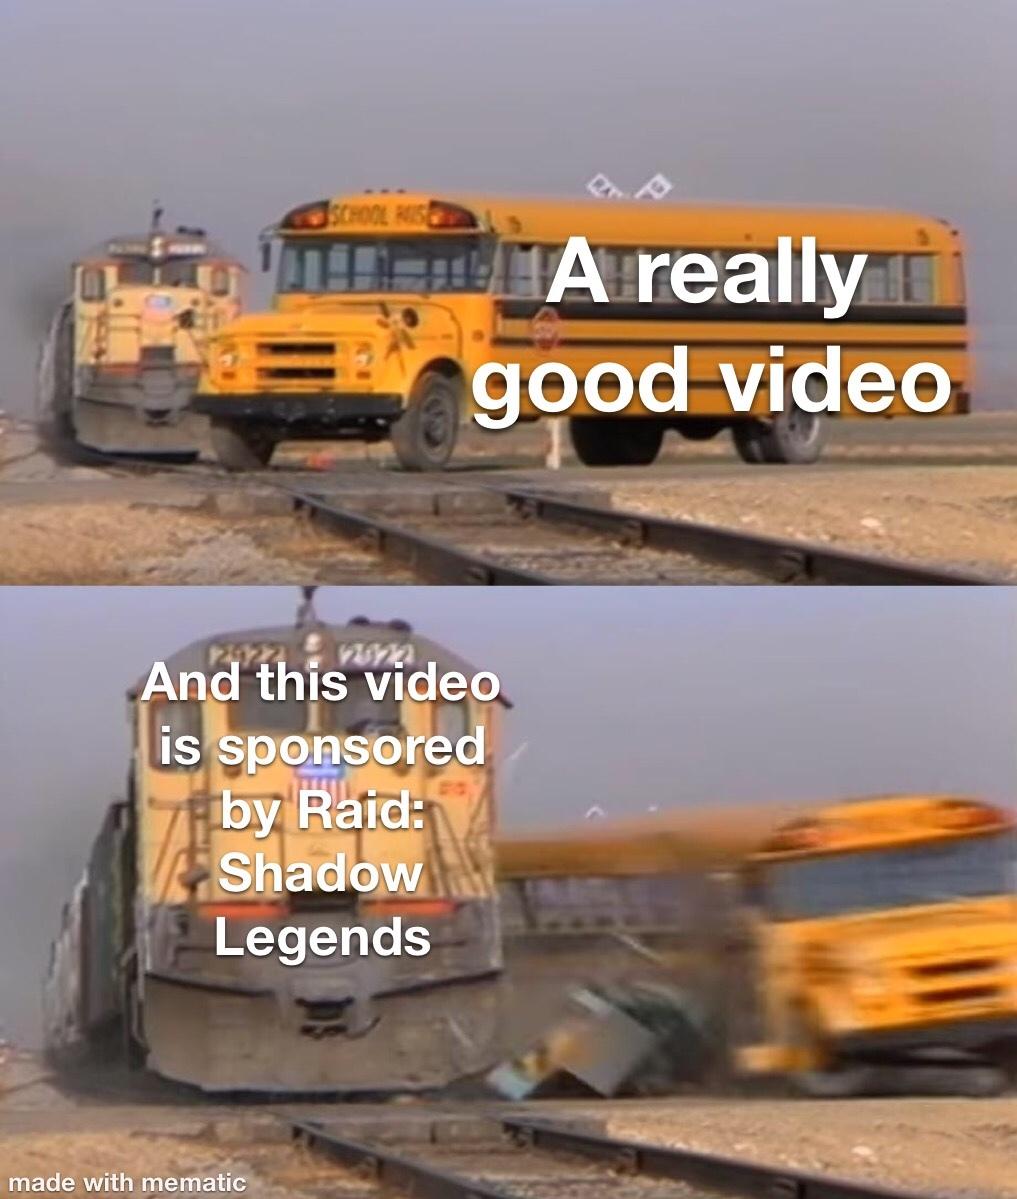 The dreaded sponsorship - meme